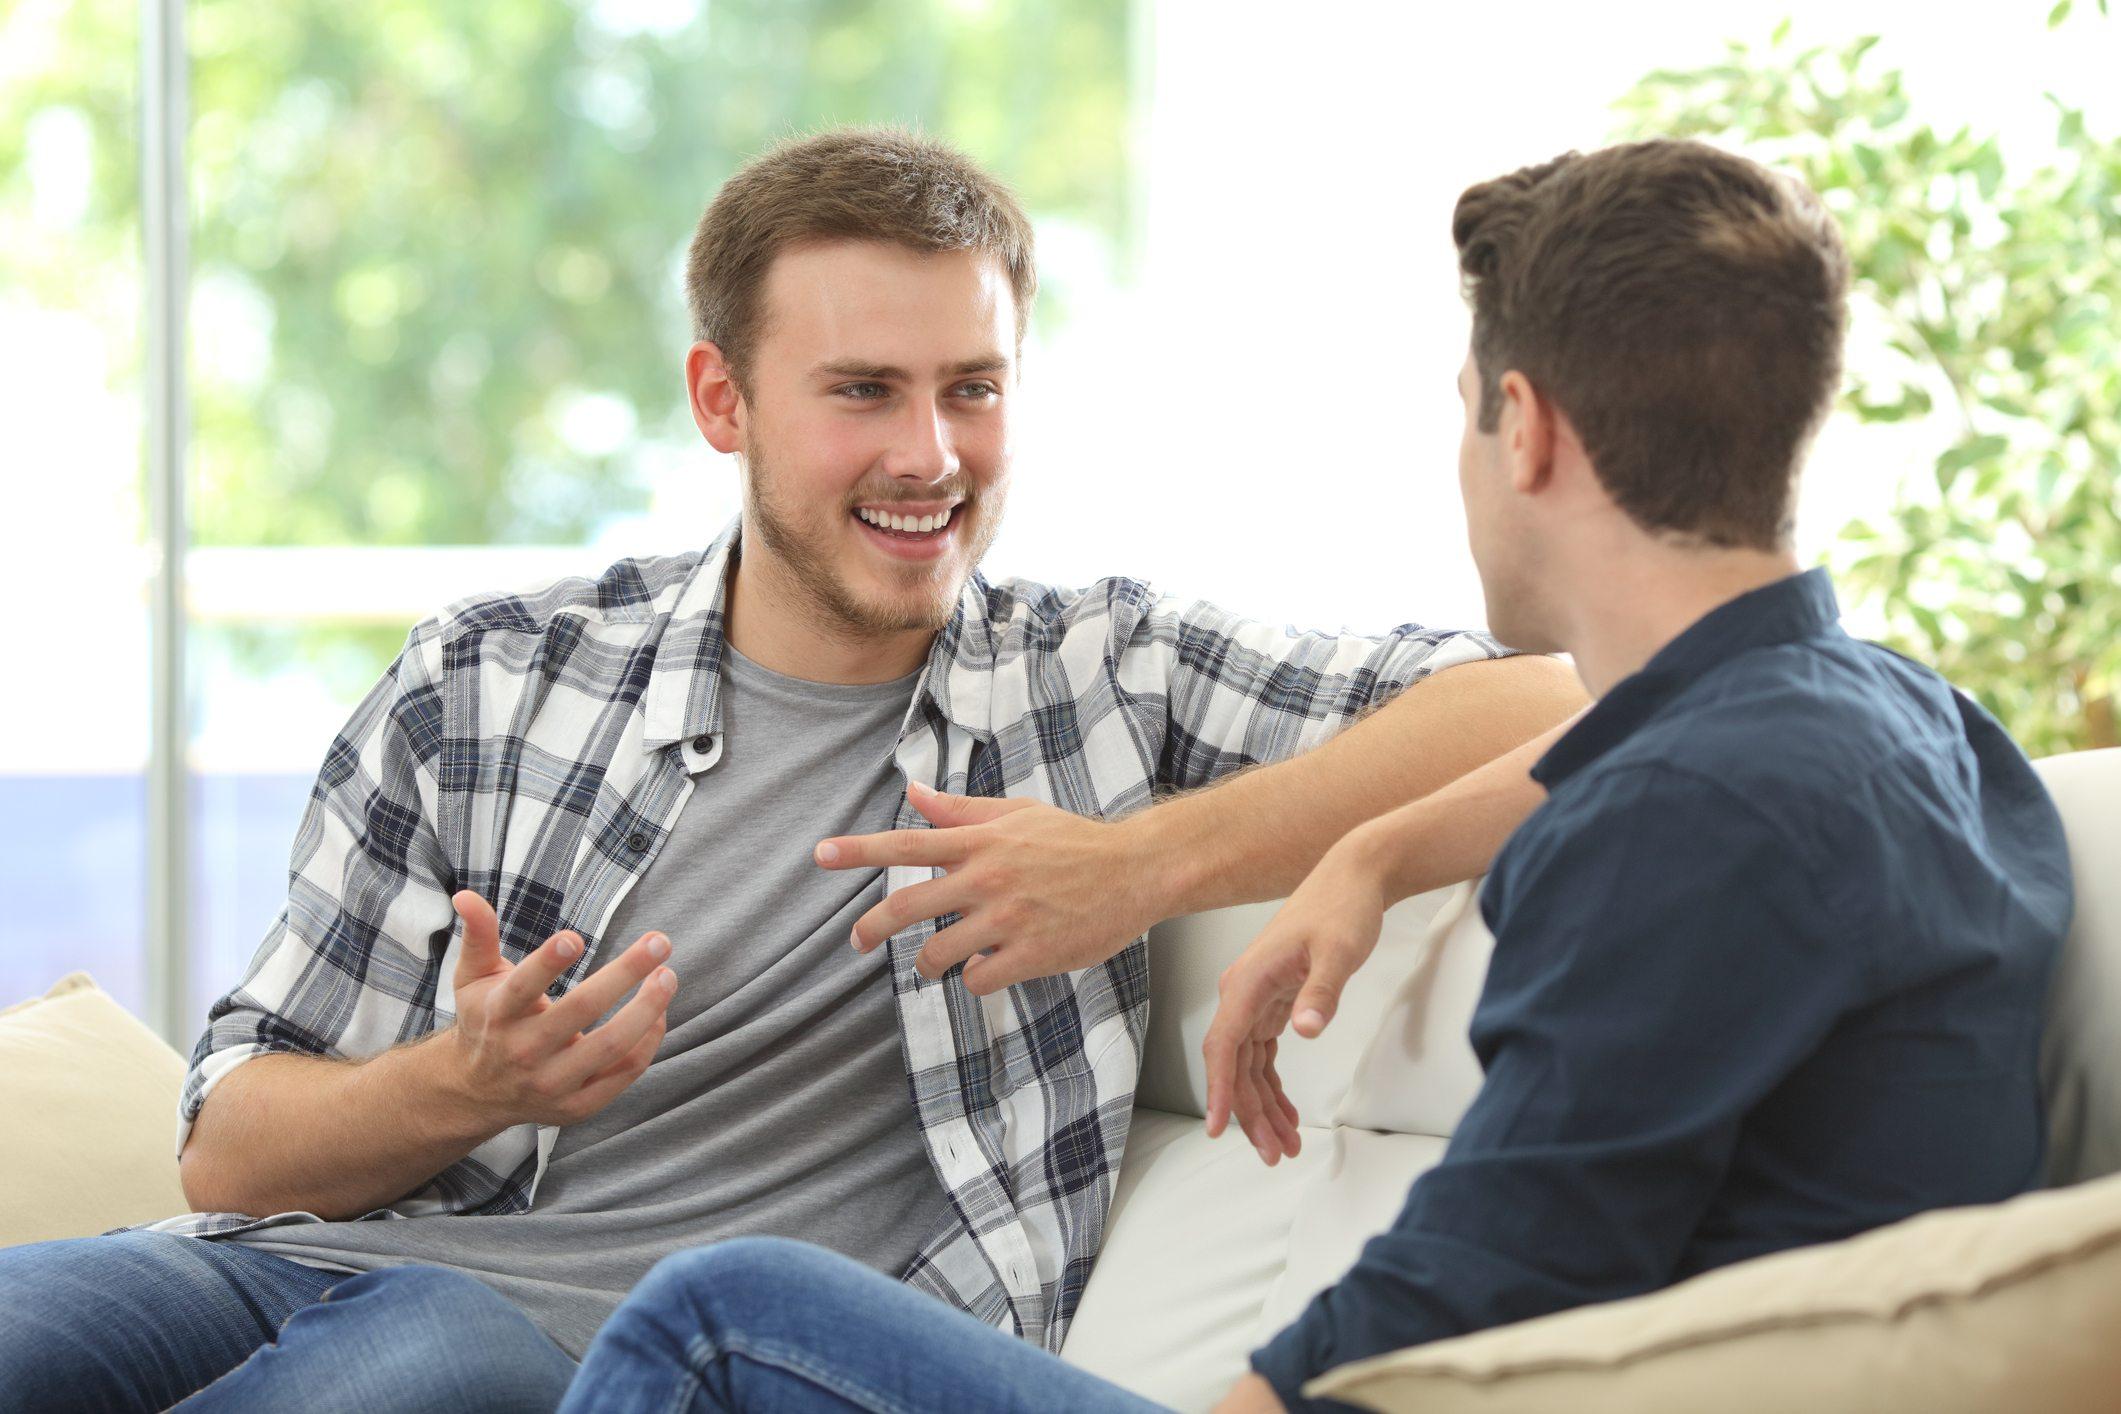 Two friends talking